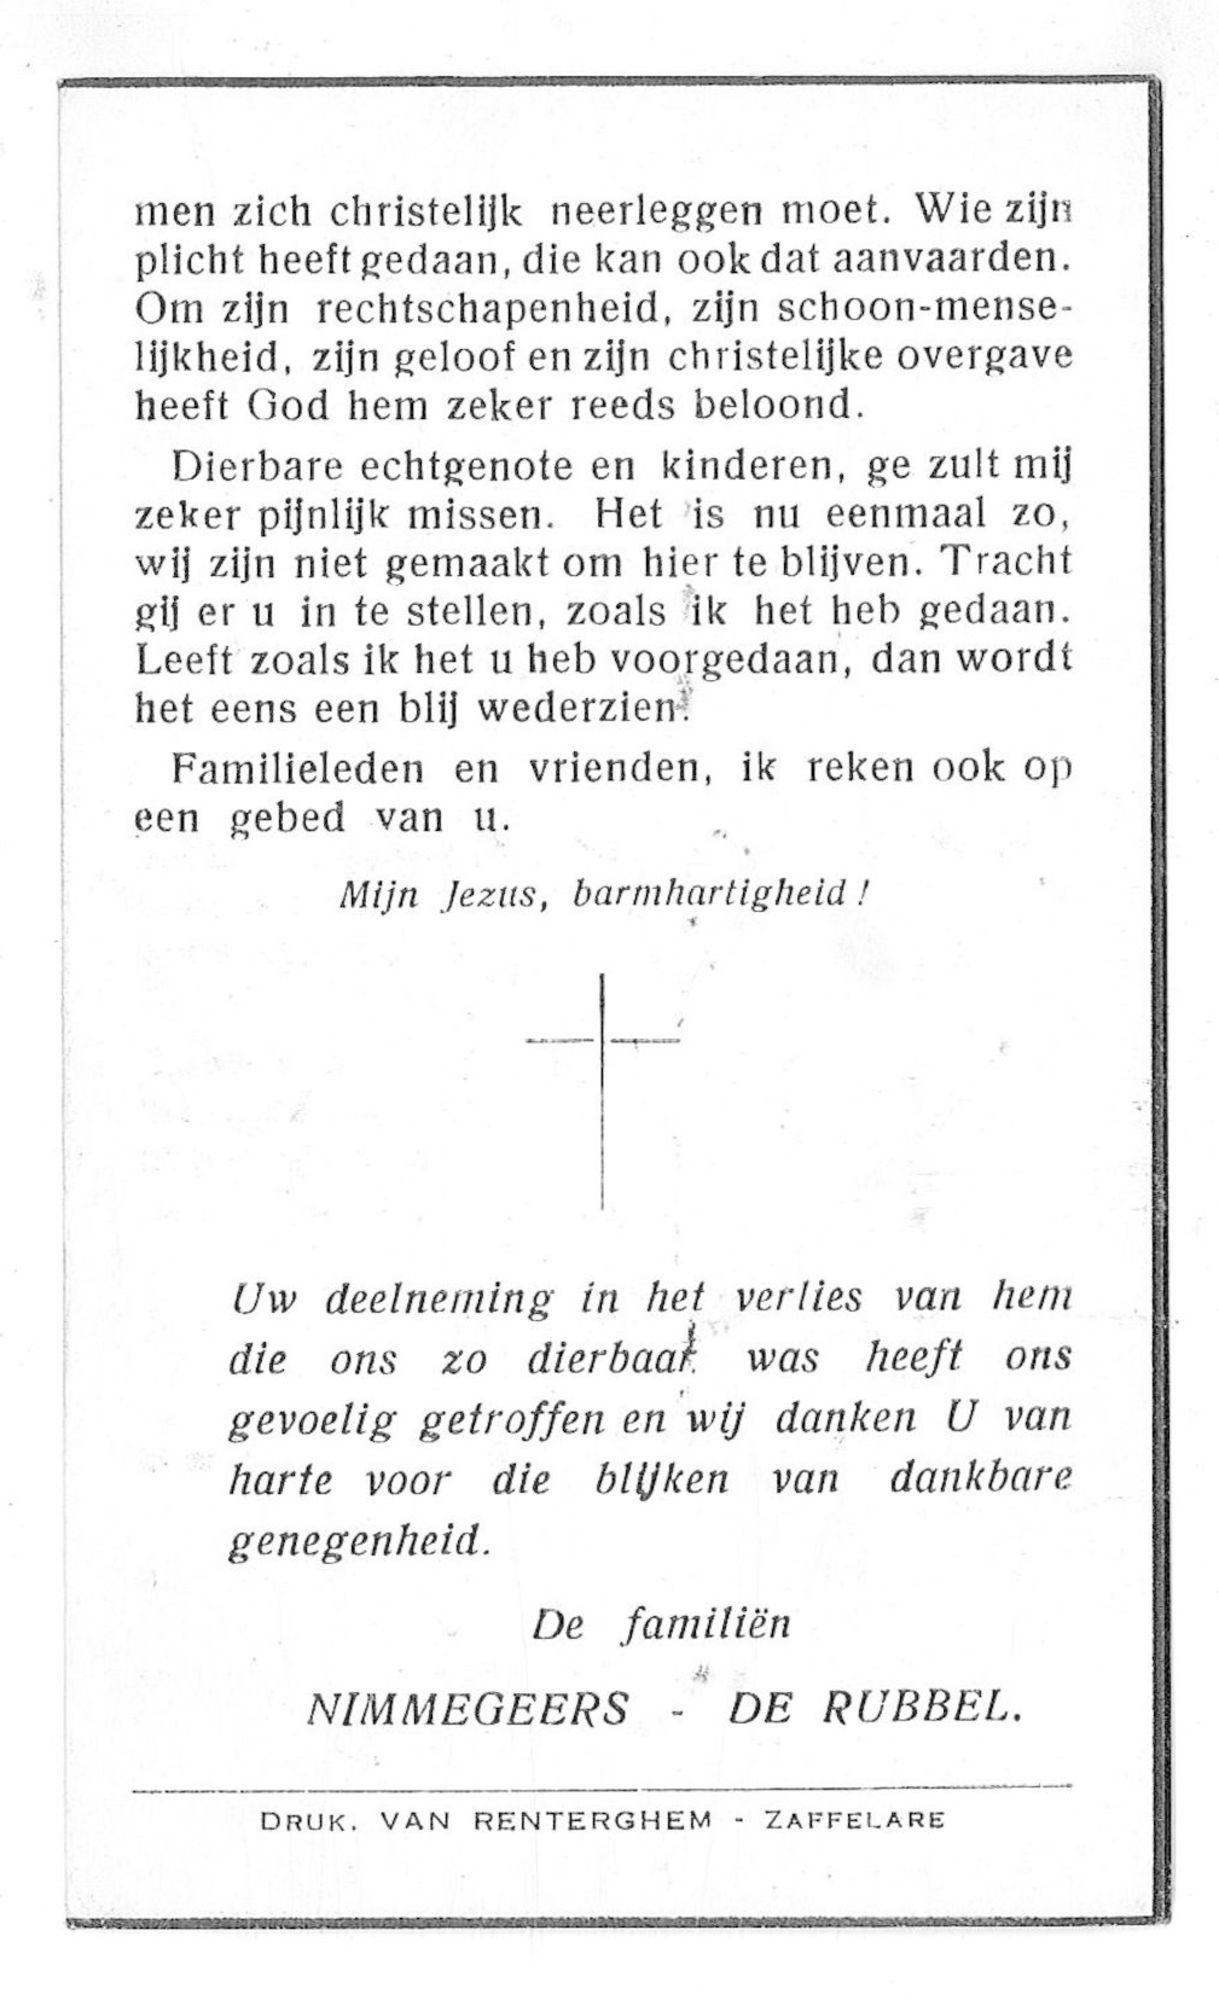 Alfons Nimmegeers